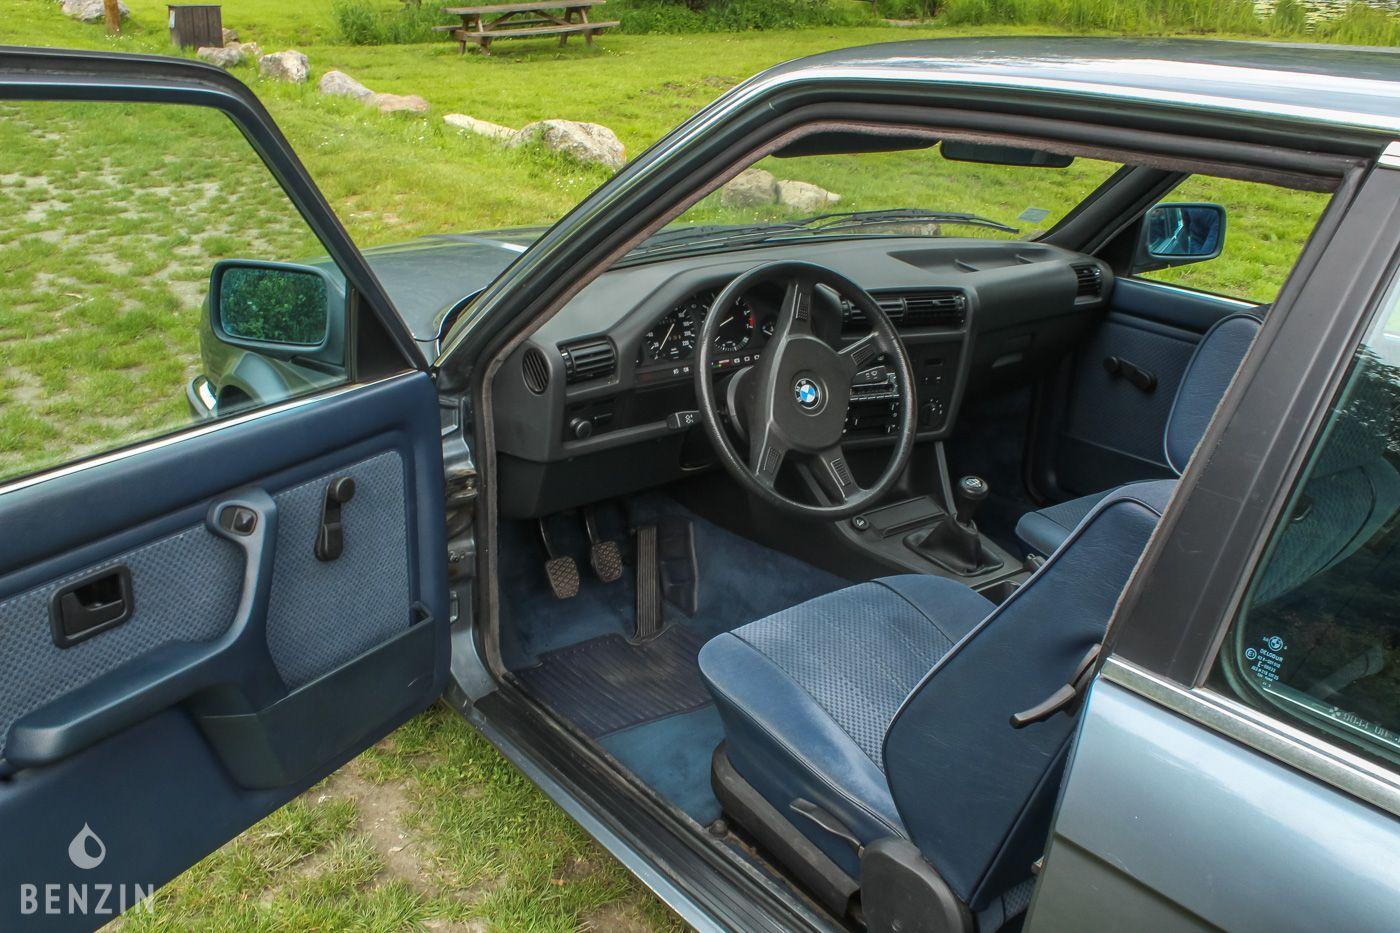 BMW 320i E30 FOR SALE AUCTION A VENDRE ZU VERKAUFEN TE KOOP EN VENTA IN VENDITA - 1984